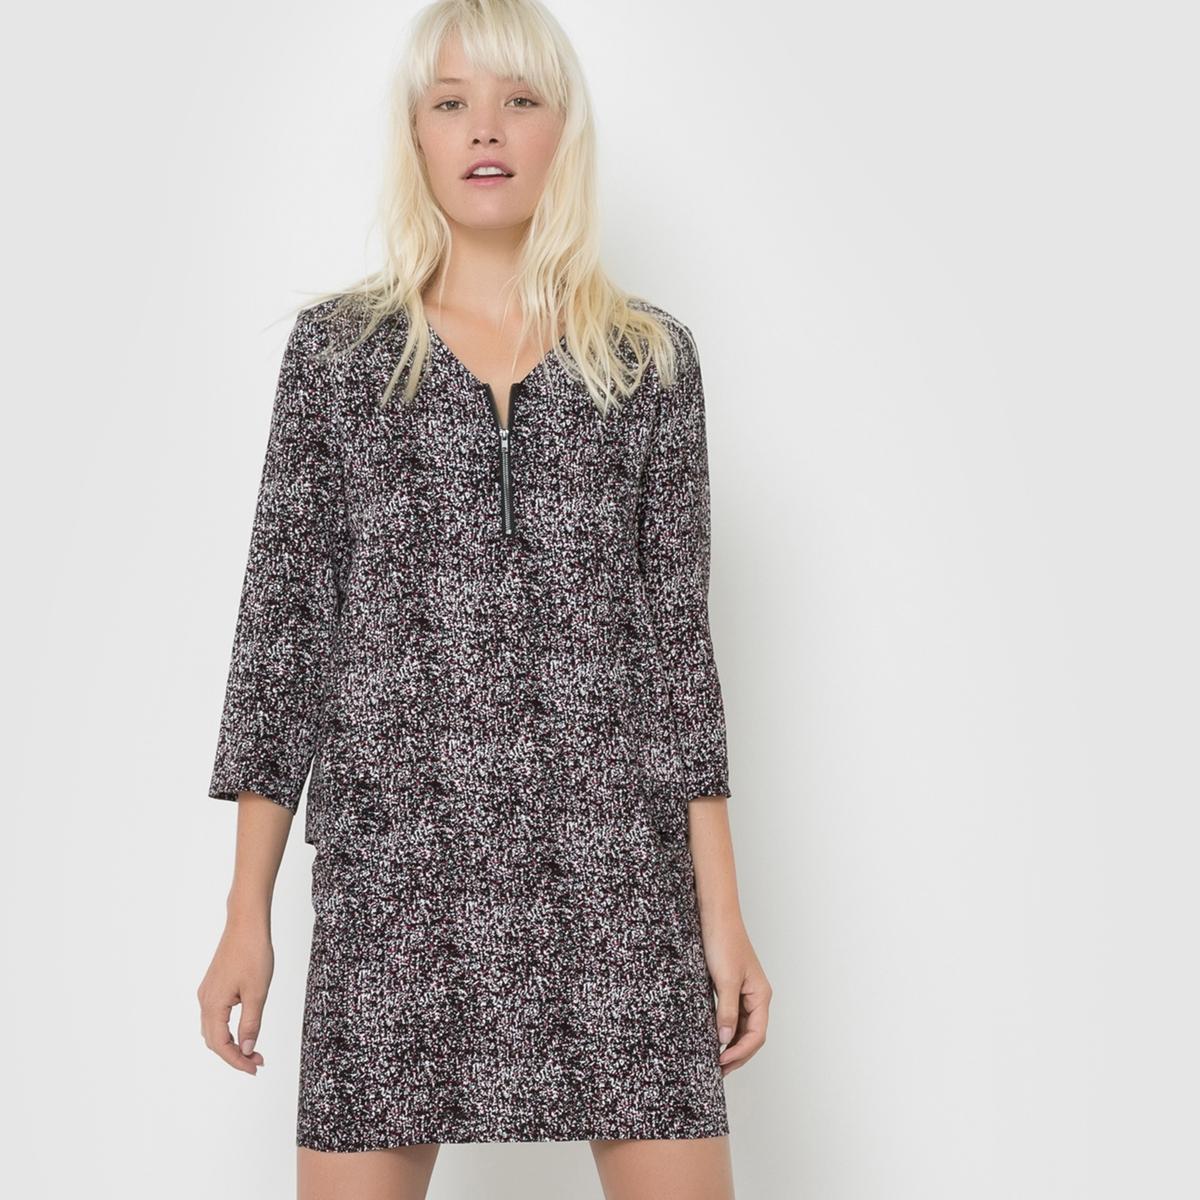 Платье прямого покроя из струящейся тканиСостав и описаниеМатериалы : 100% вискозыМарка : Best MountainУходСоблюдайте рекомендации по уходу, указанные на этикетке<br><br>Цвет: черный наб. рисунок<br>Размер: M.S